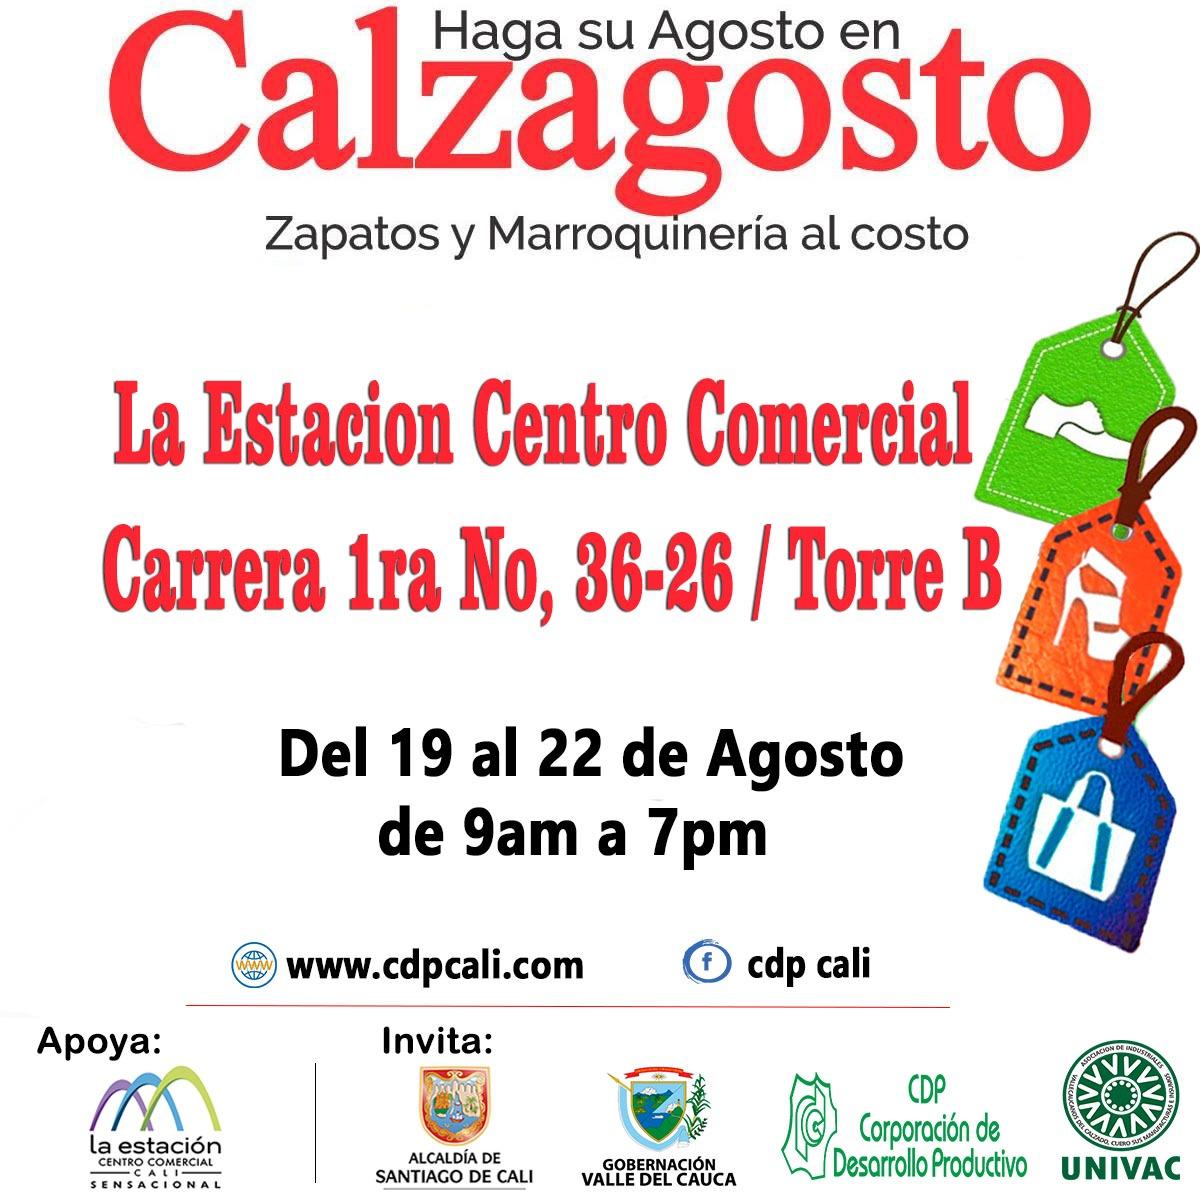 Video Promocional Feria calzagosto 2021